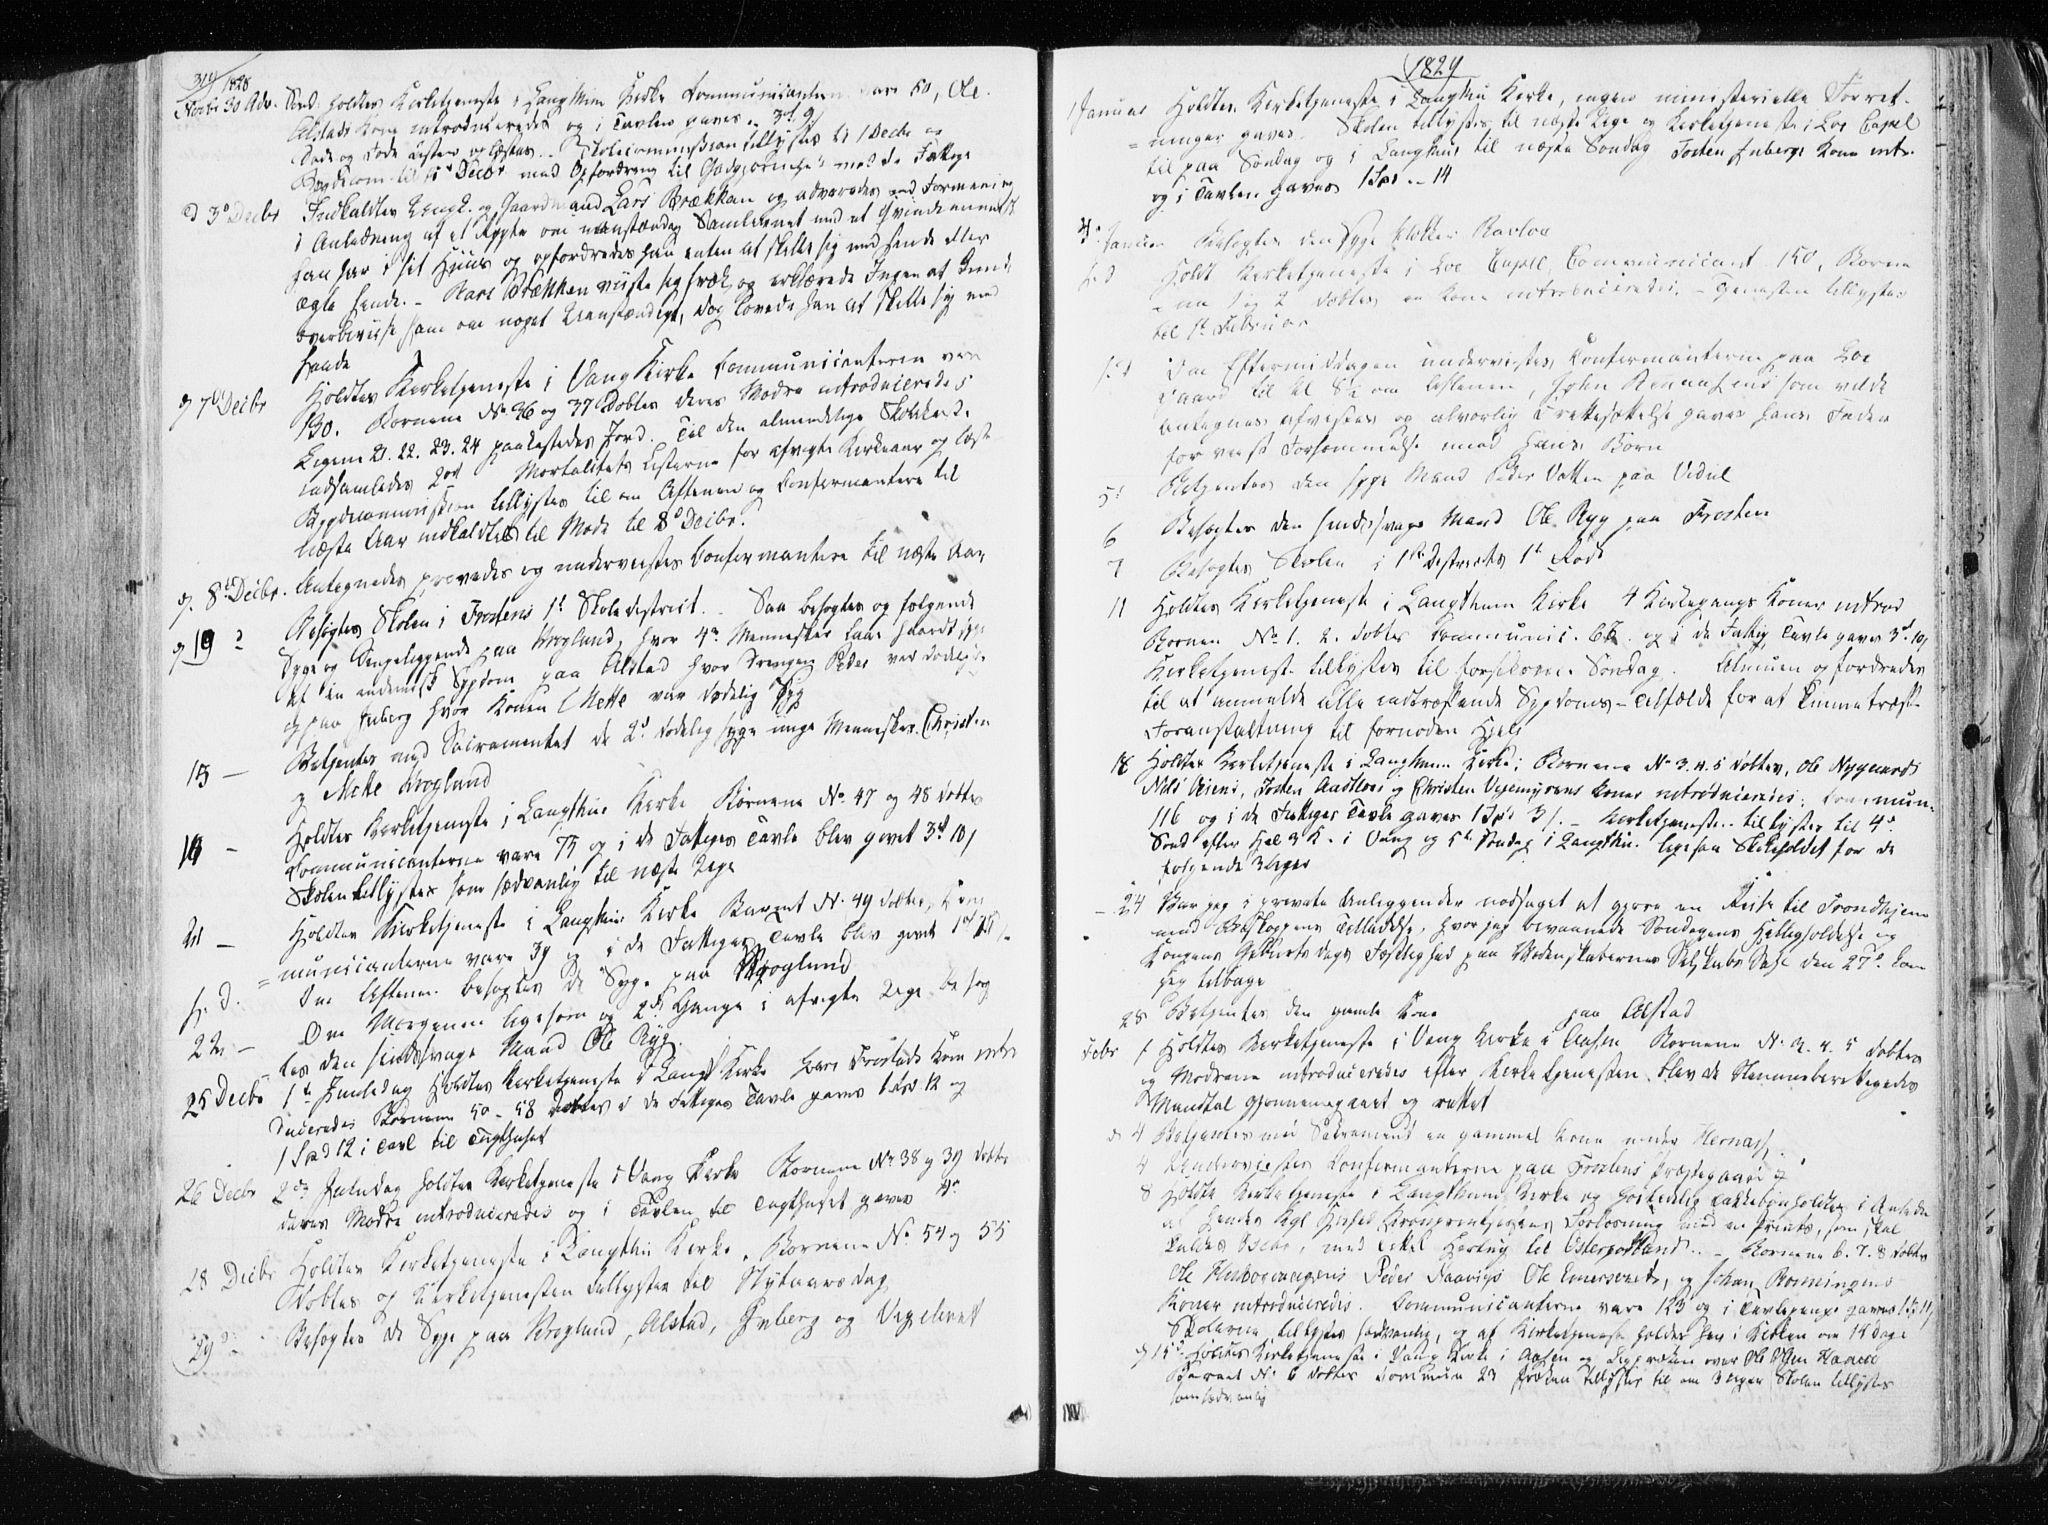 SAT, Ministerialprotokoller, klokkerbøker og fødselsregistre - Nord-Trøndelag, 713/L0114: Ministerialbok nr. 713A05, 1827-1839, s. 319